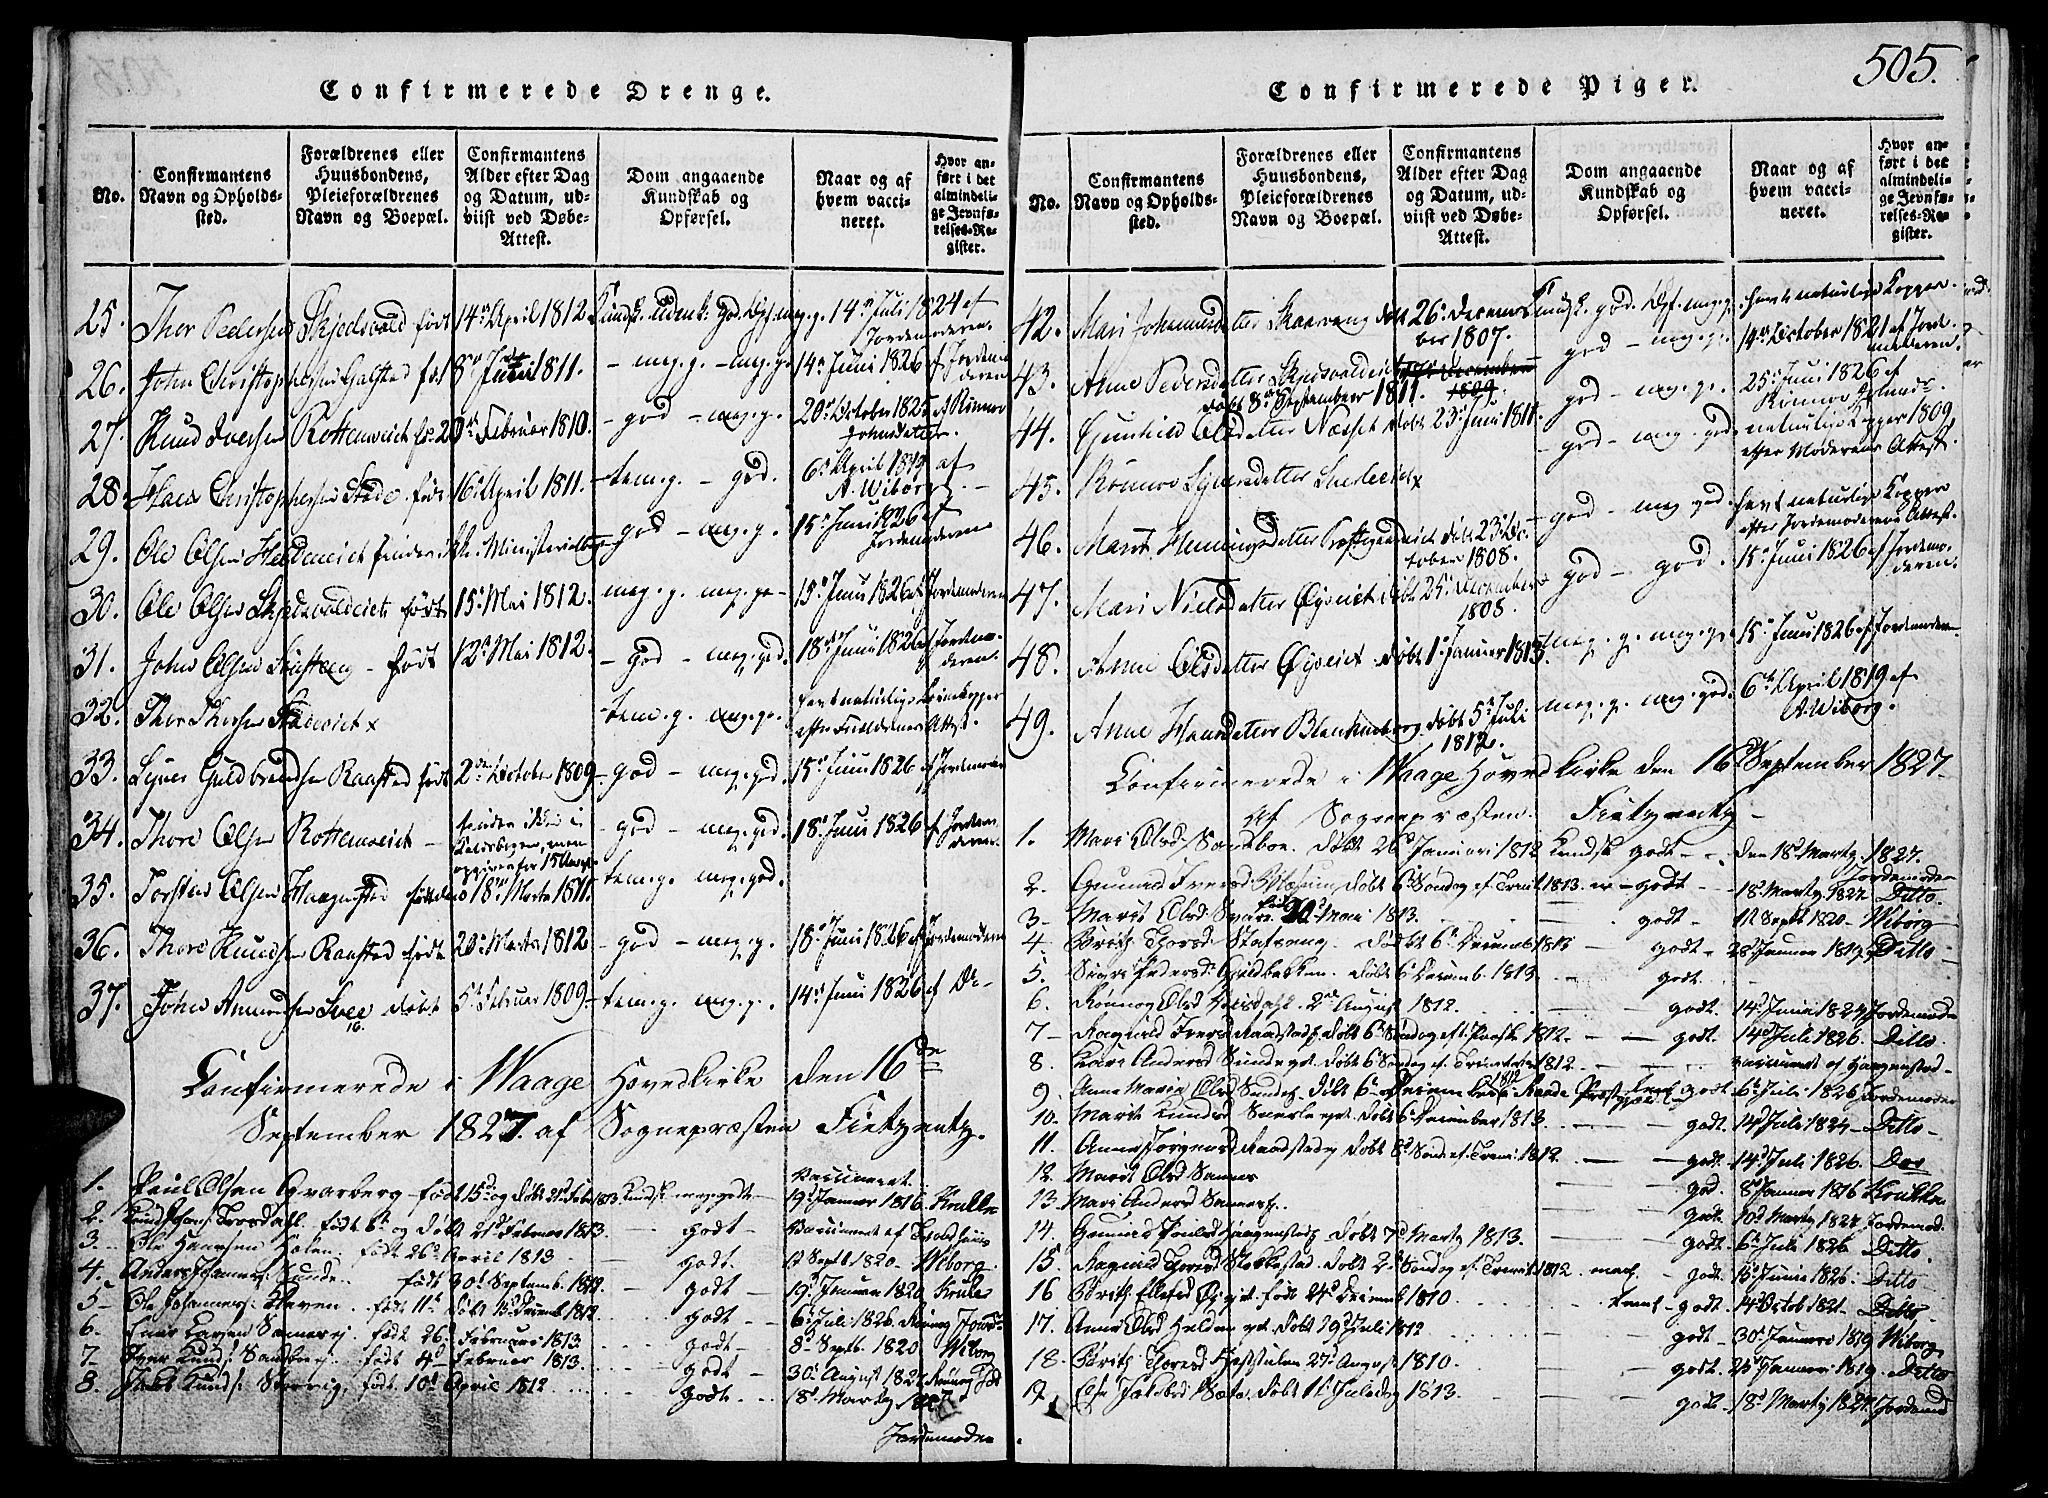 SAH, Vågå prestekontor, Klokkerbok nr. 1, 1815-1827, s. 504-505